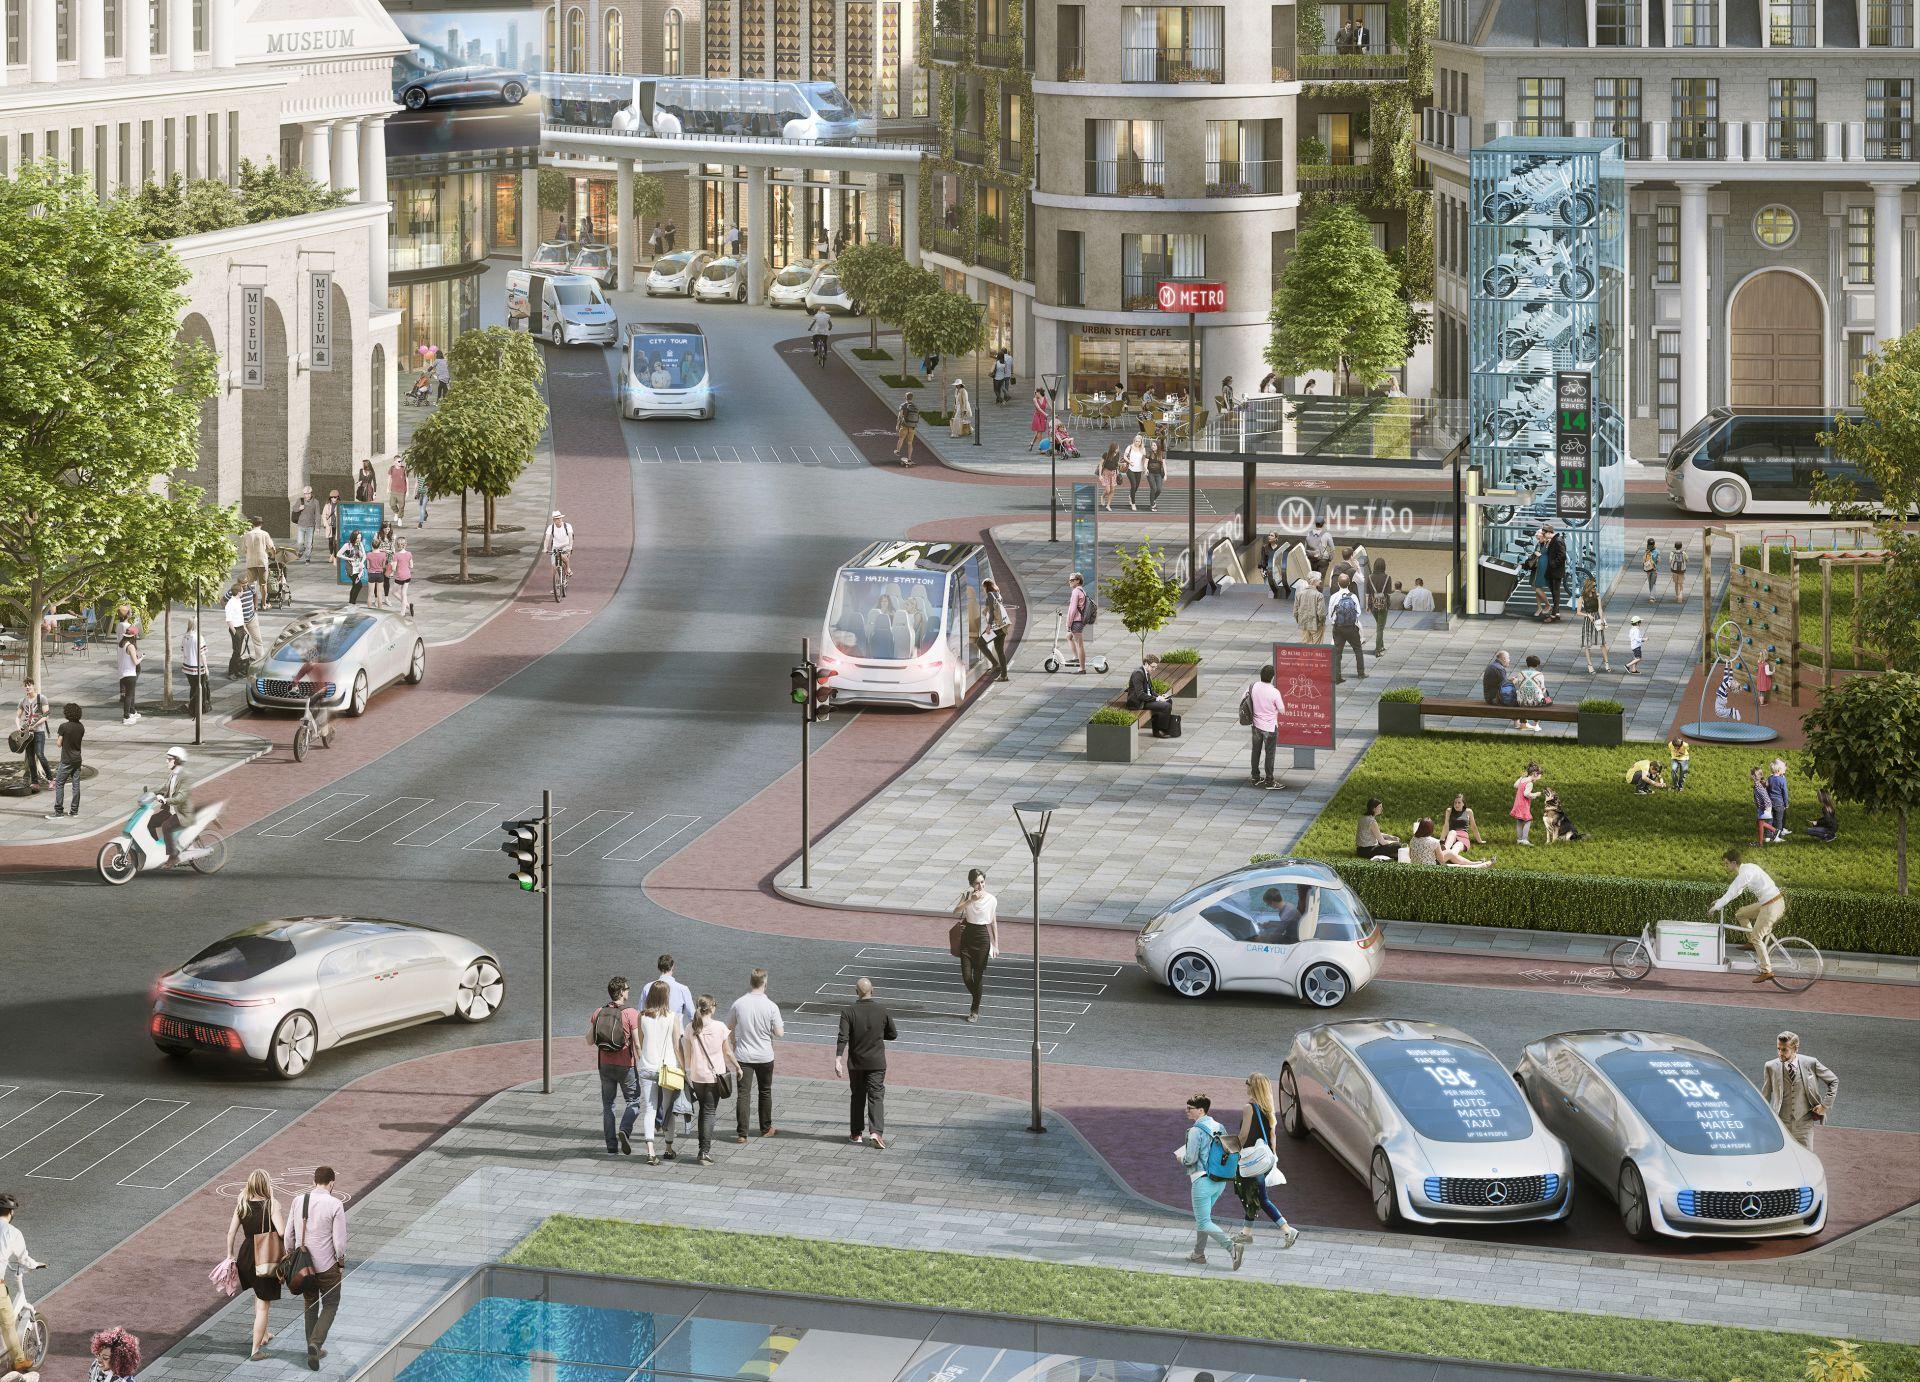 Autonomna vožnja u gradovima: Bosch i Daimler odabrali Nvidia platformu za veštačku inteligenciju